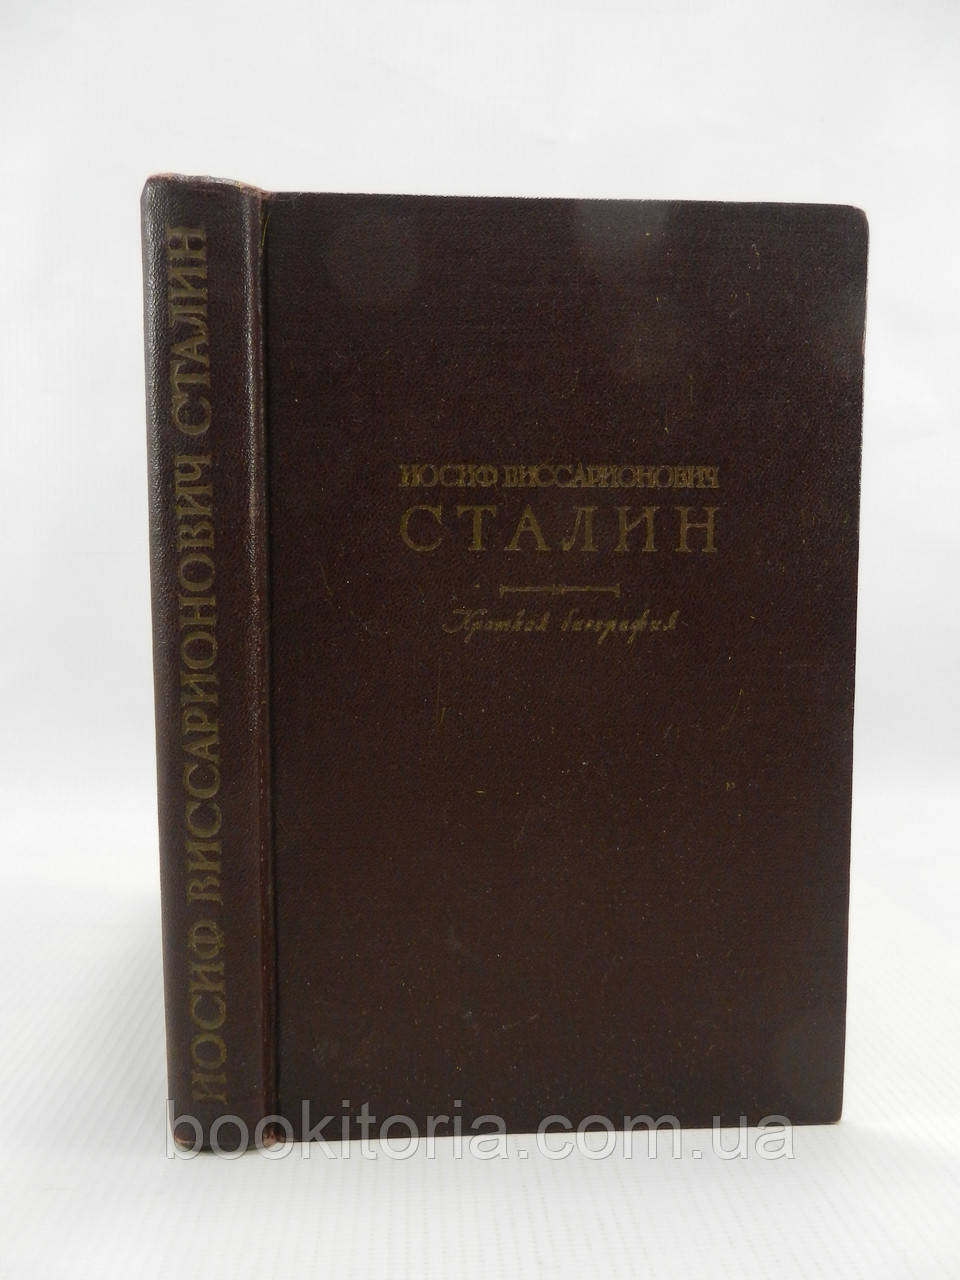 Иосиф Виссарионович Сталин. Краткая биография (б/у).